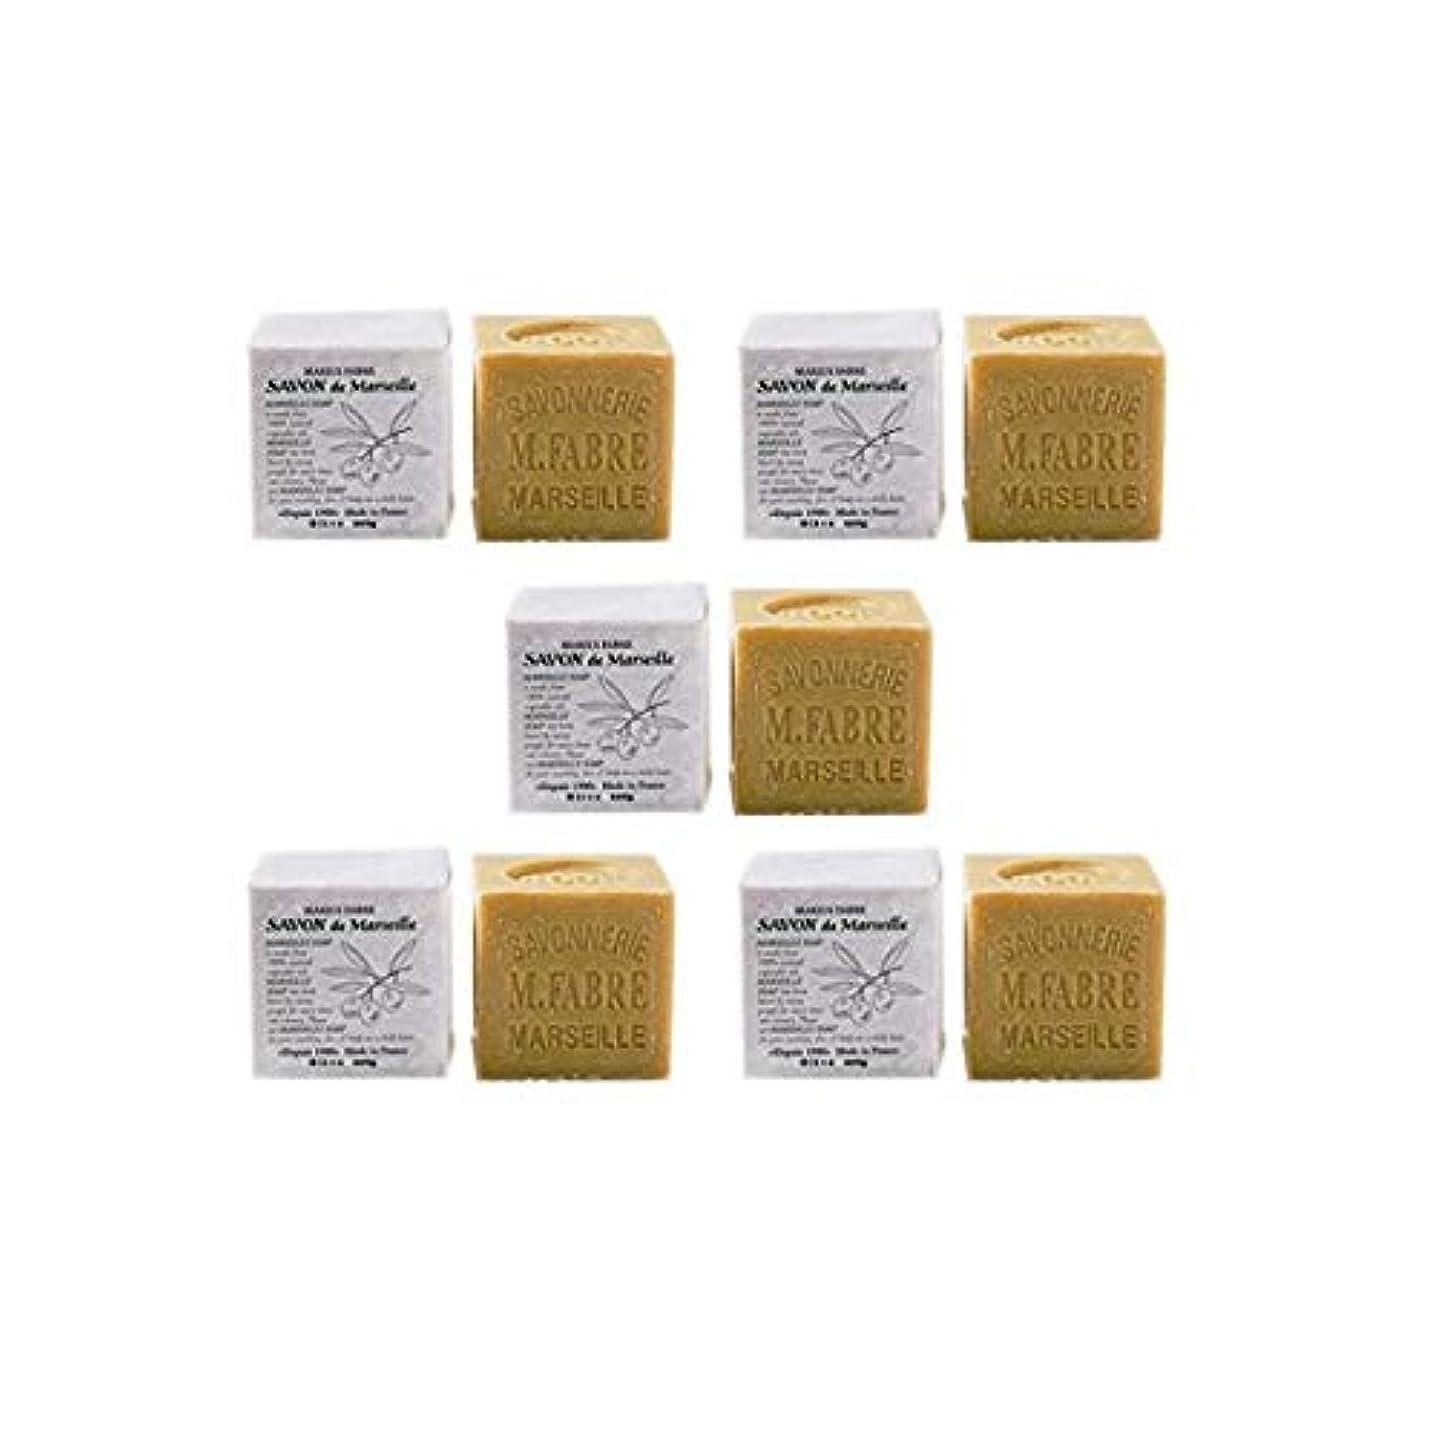 額水終点マリウスファーブルジューン サボンドマルセイユ無香料200gオリーブN 5個セット(200g×5個)無添加オリーブ石鹸